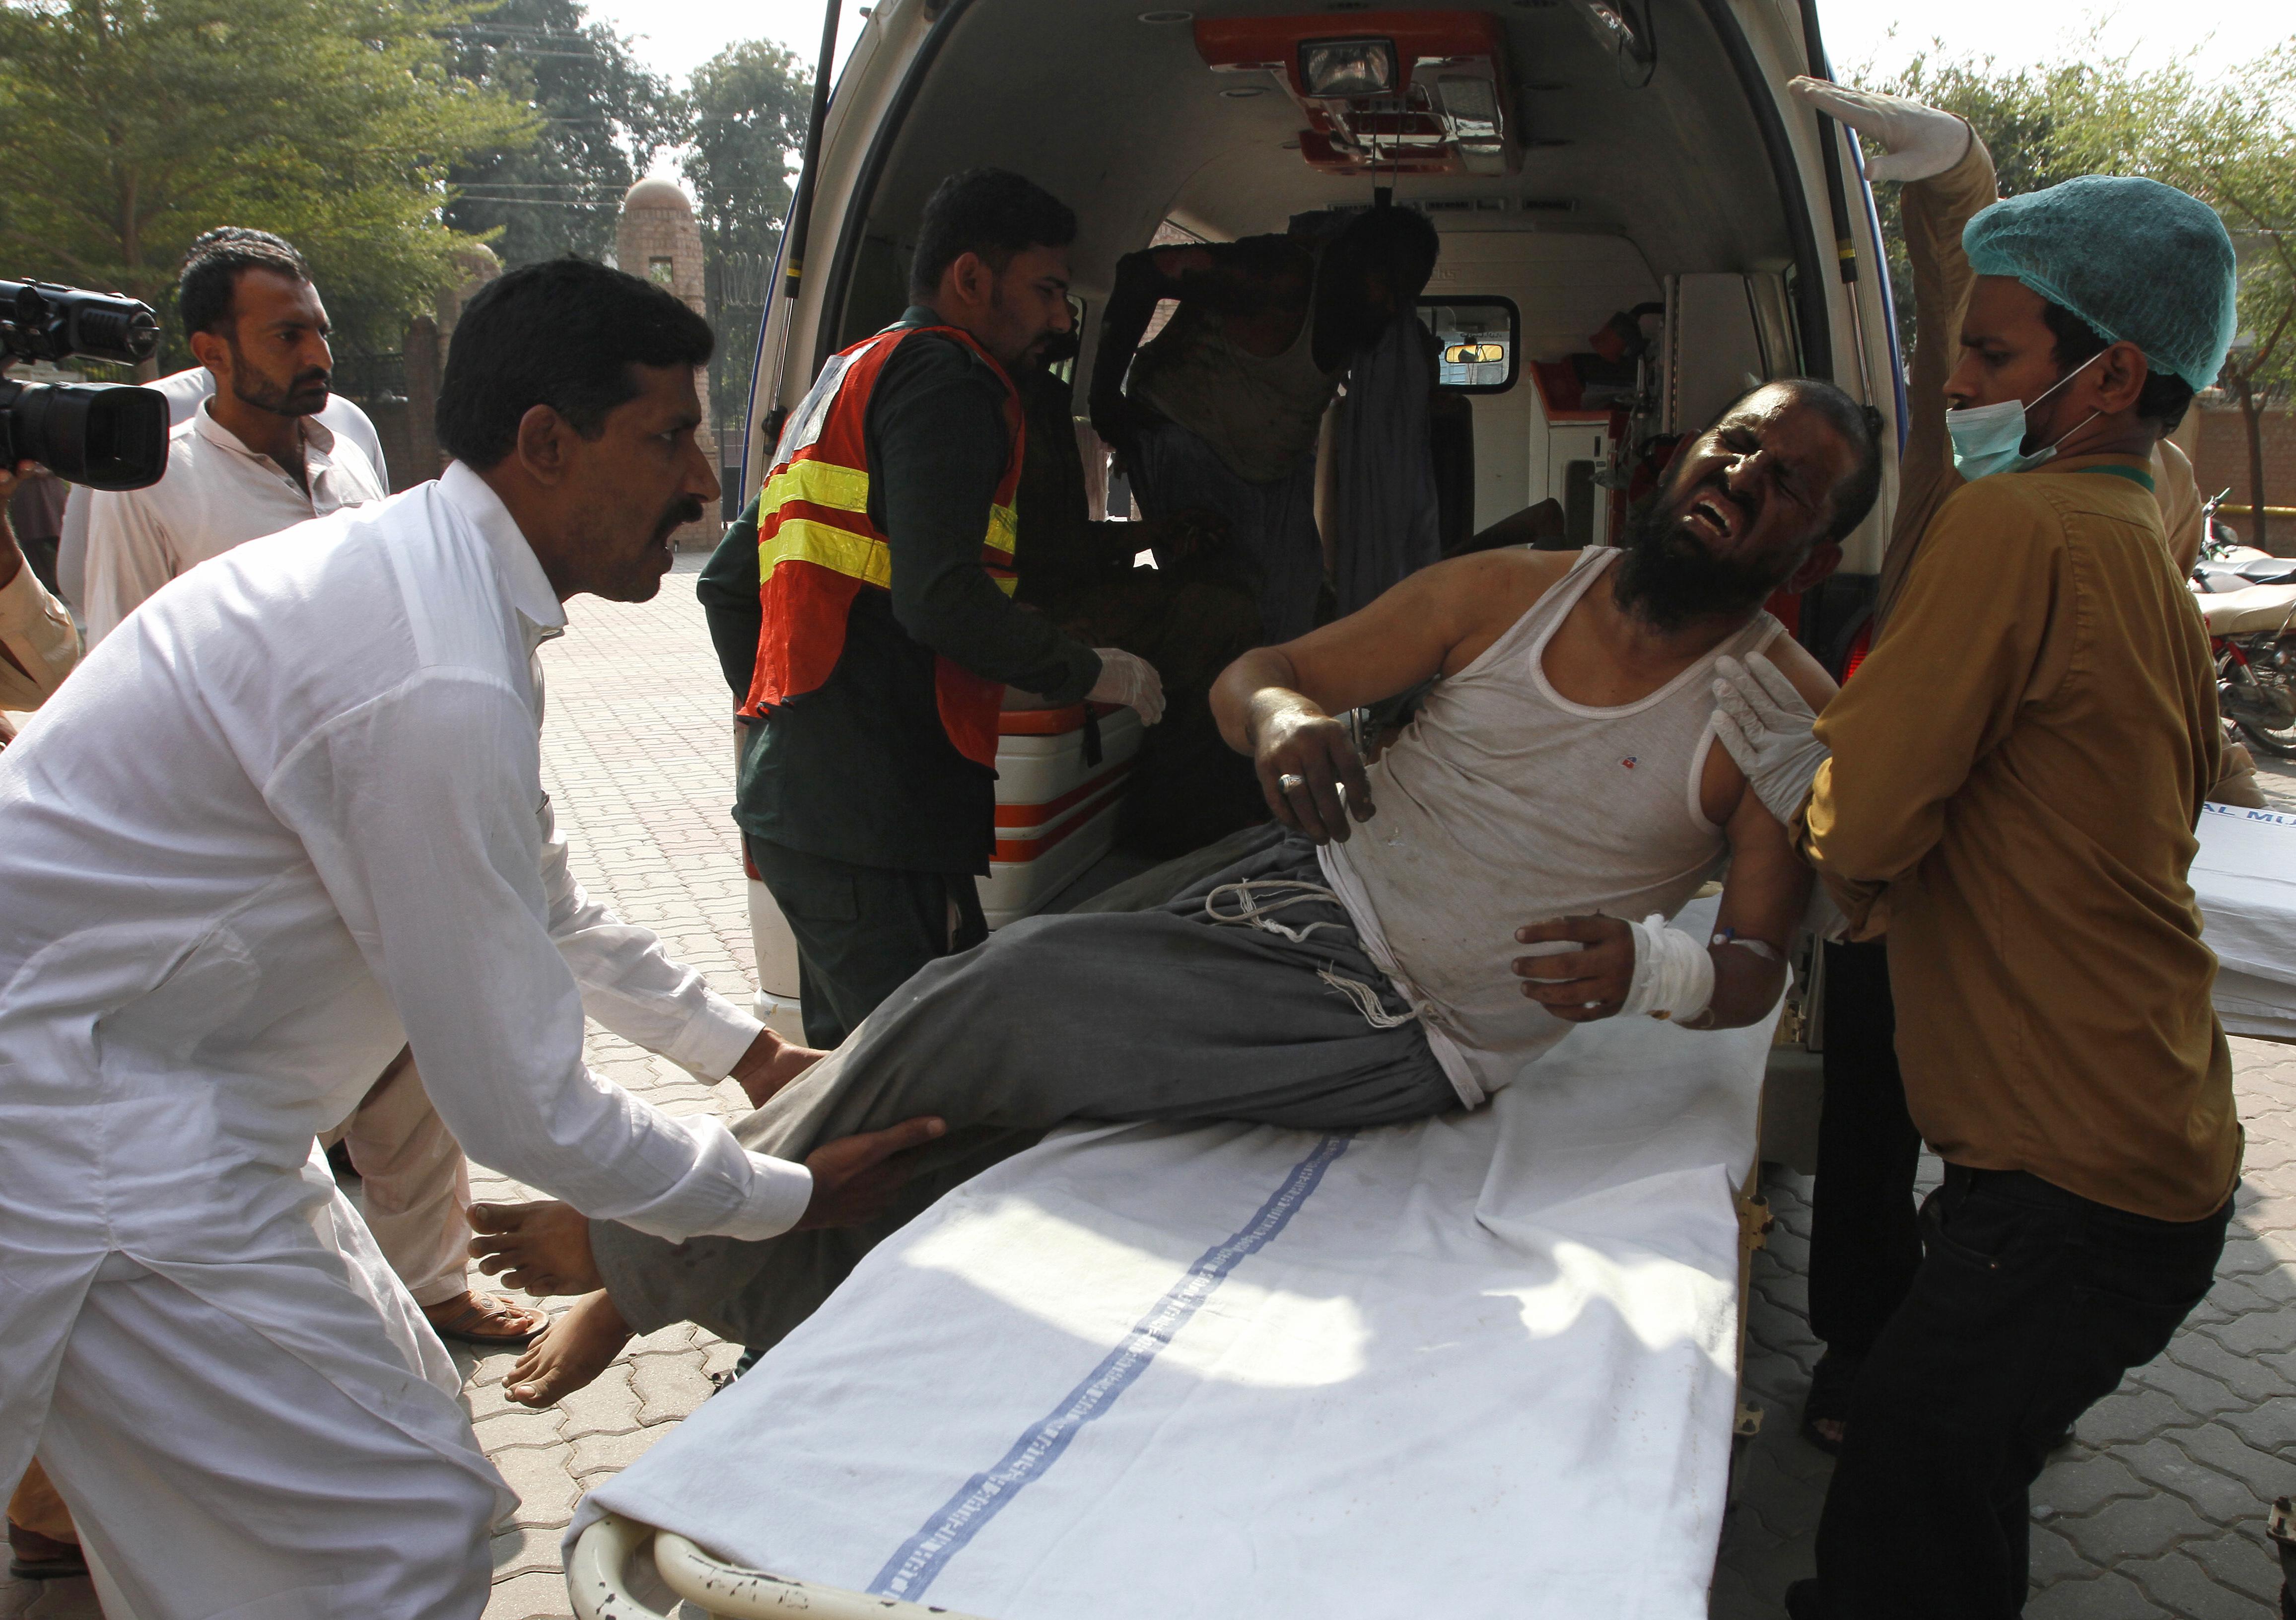 El personal del hospital trasladó a un hombre que resultó herido en el incendio de un tren a un hospital en Multan, Pakistán, (AP Photo / Asim Tanveer)